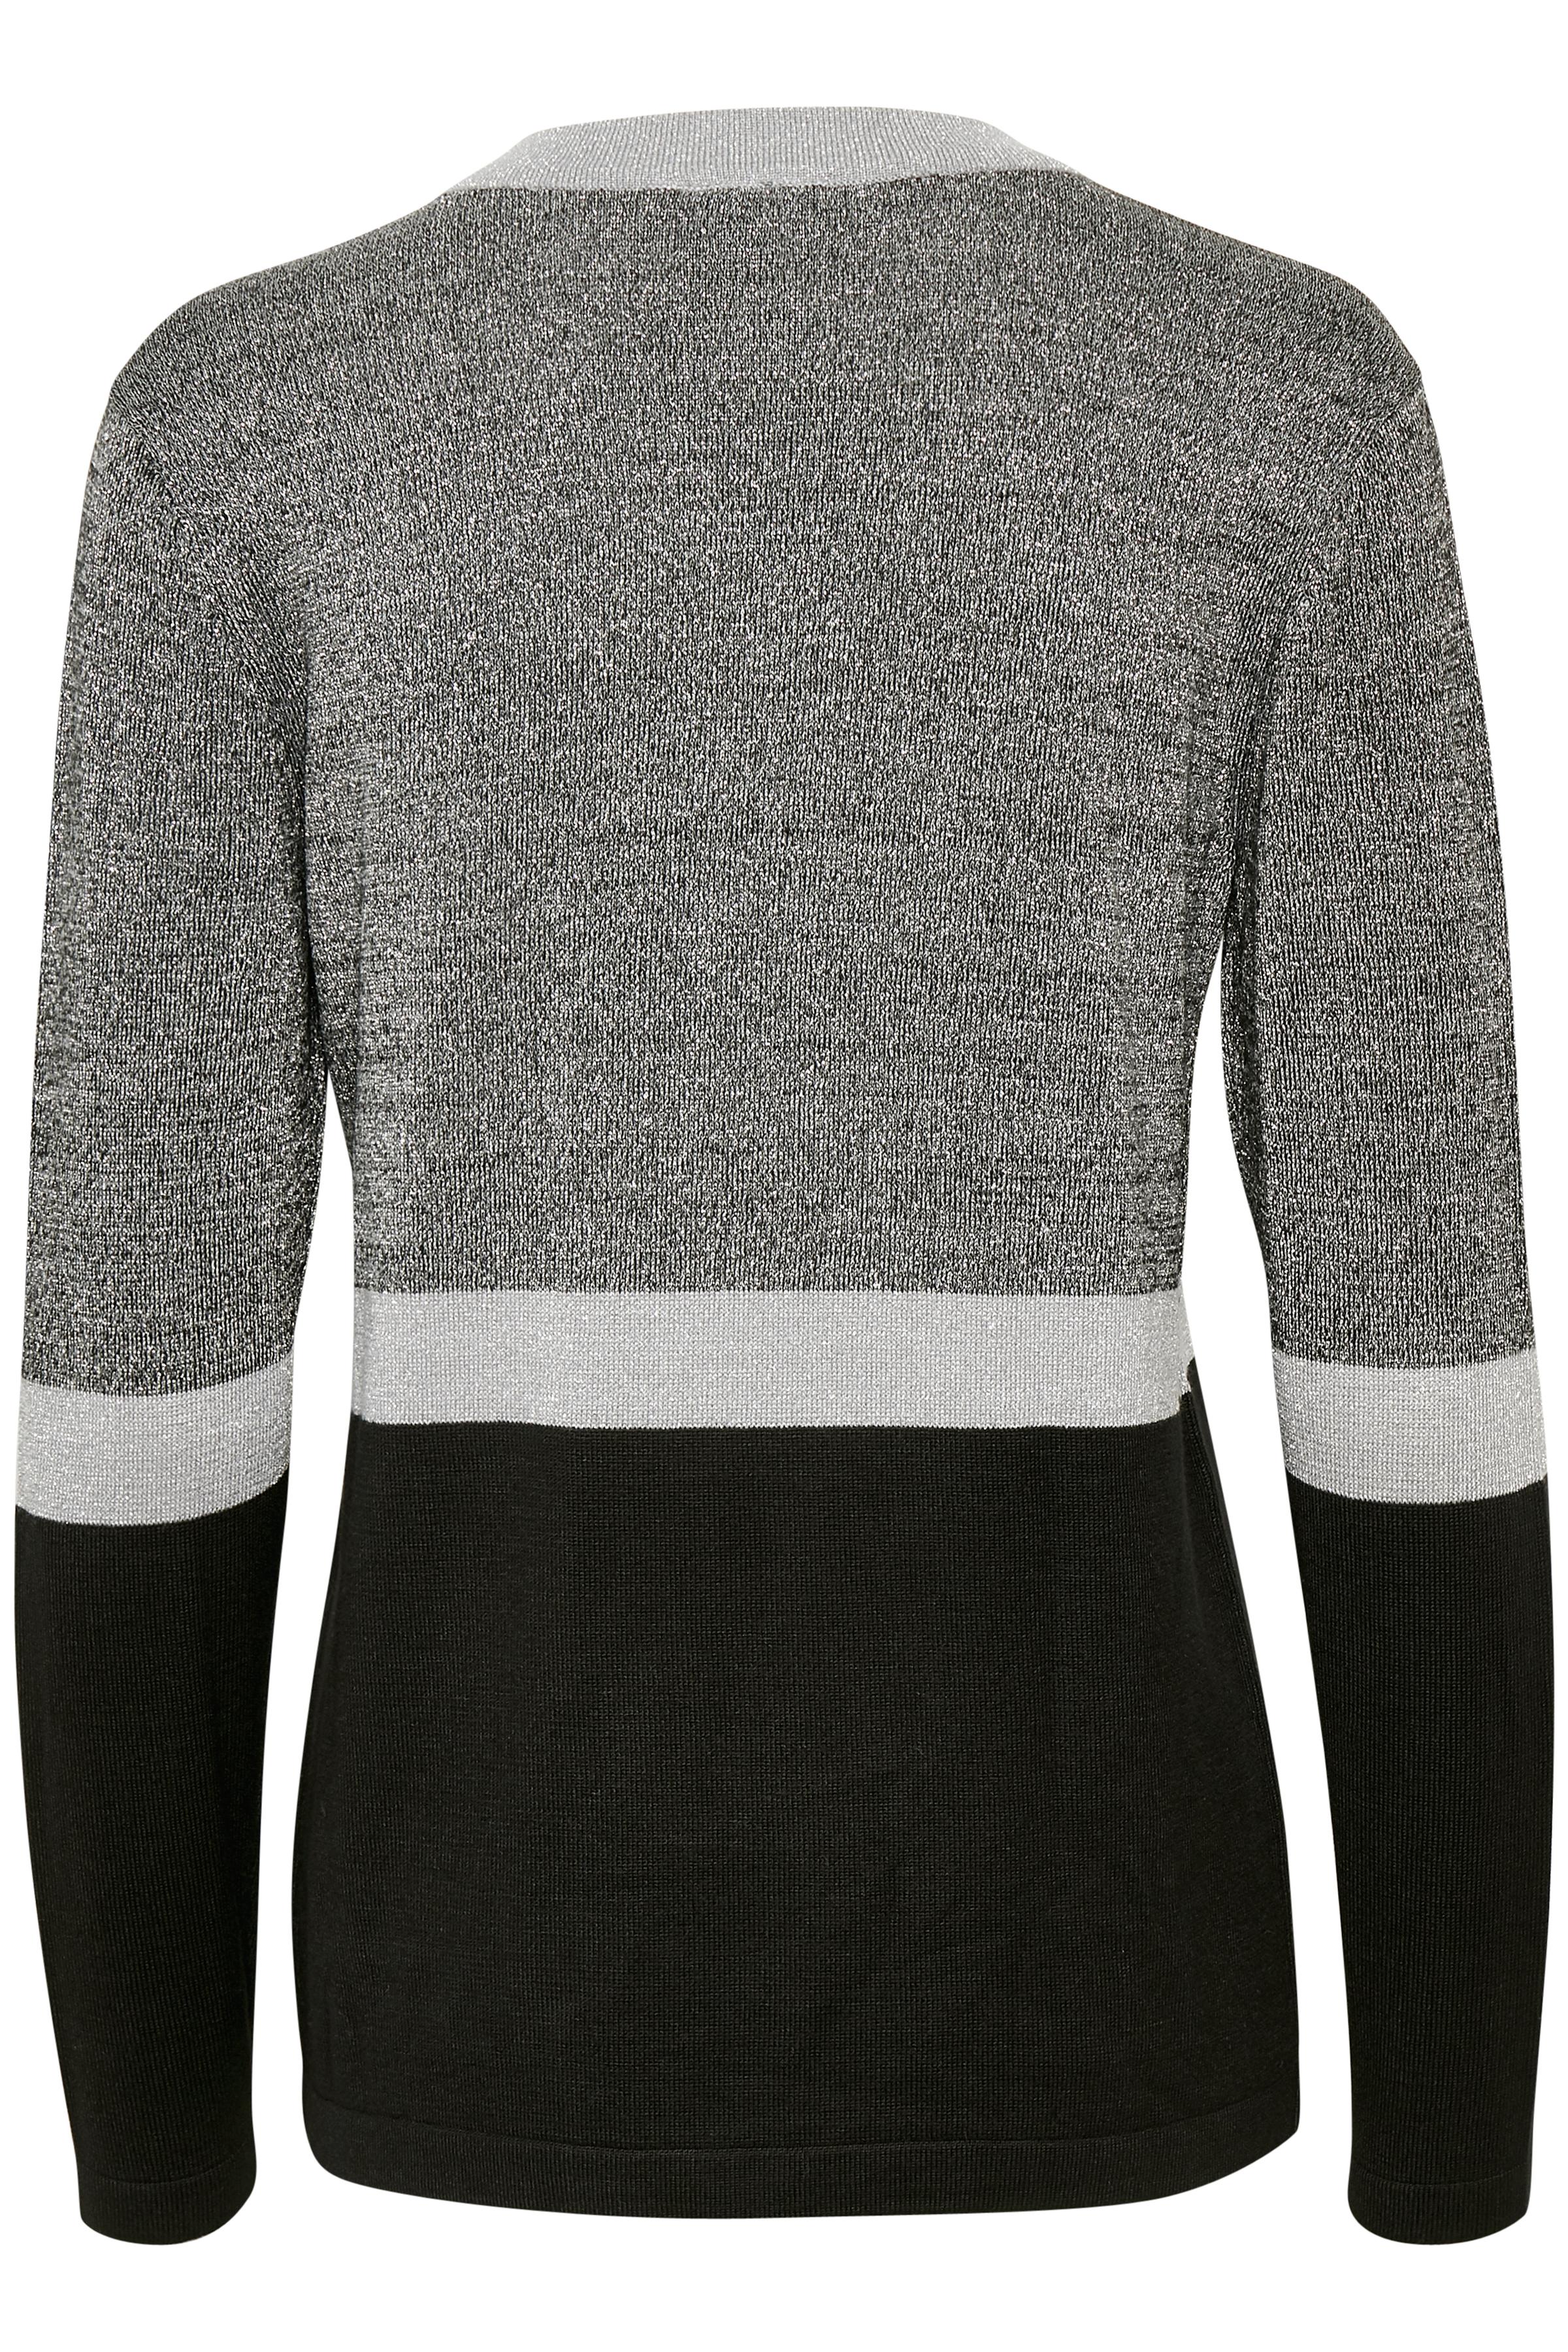 Silver/svart Stickad pullover från Fransa – Köp Silver/svart Stickad pullover från stl. XS-XXL här